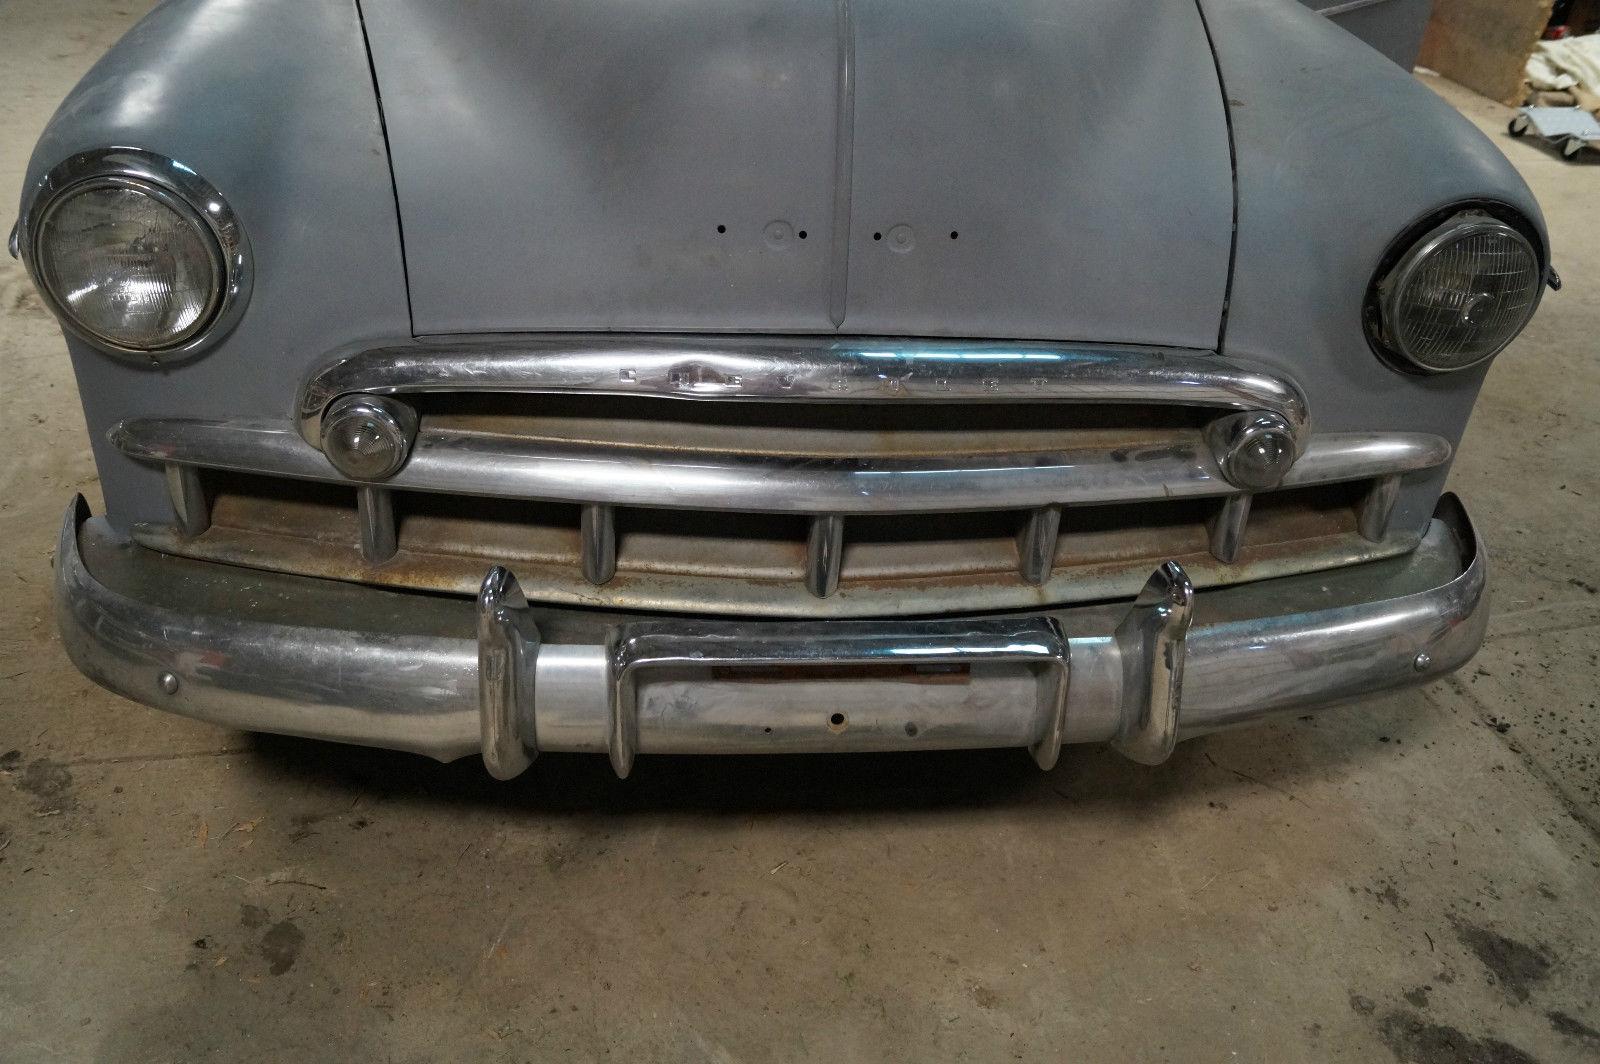 1949 Chevrolet Deluxe 2 Door Great Condition Restore Or Hot Rod New Chevy Styleline Interior